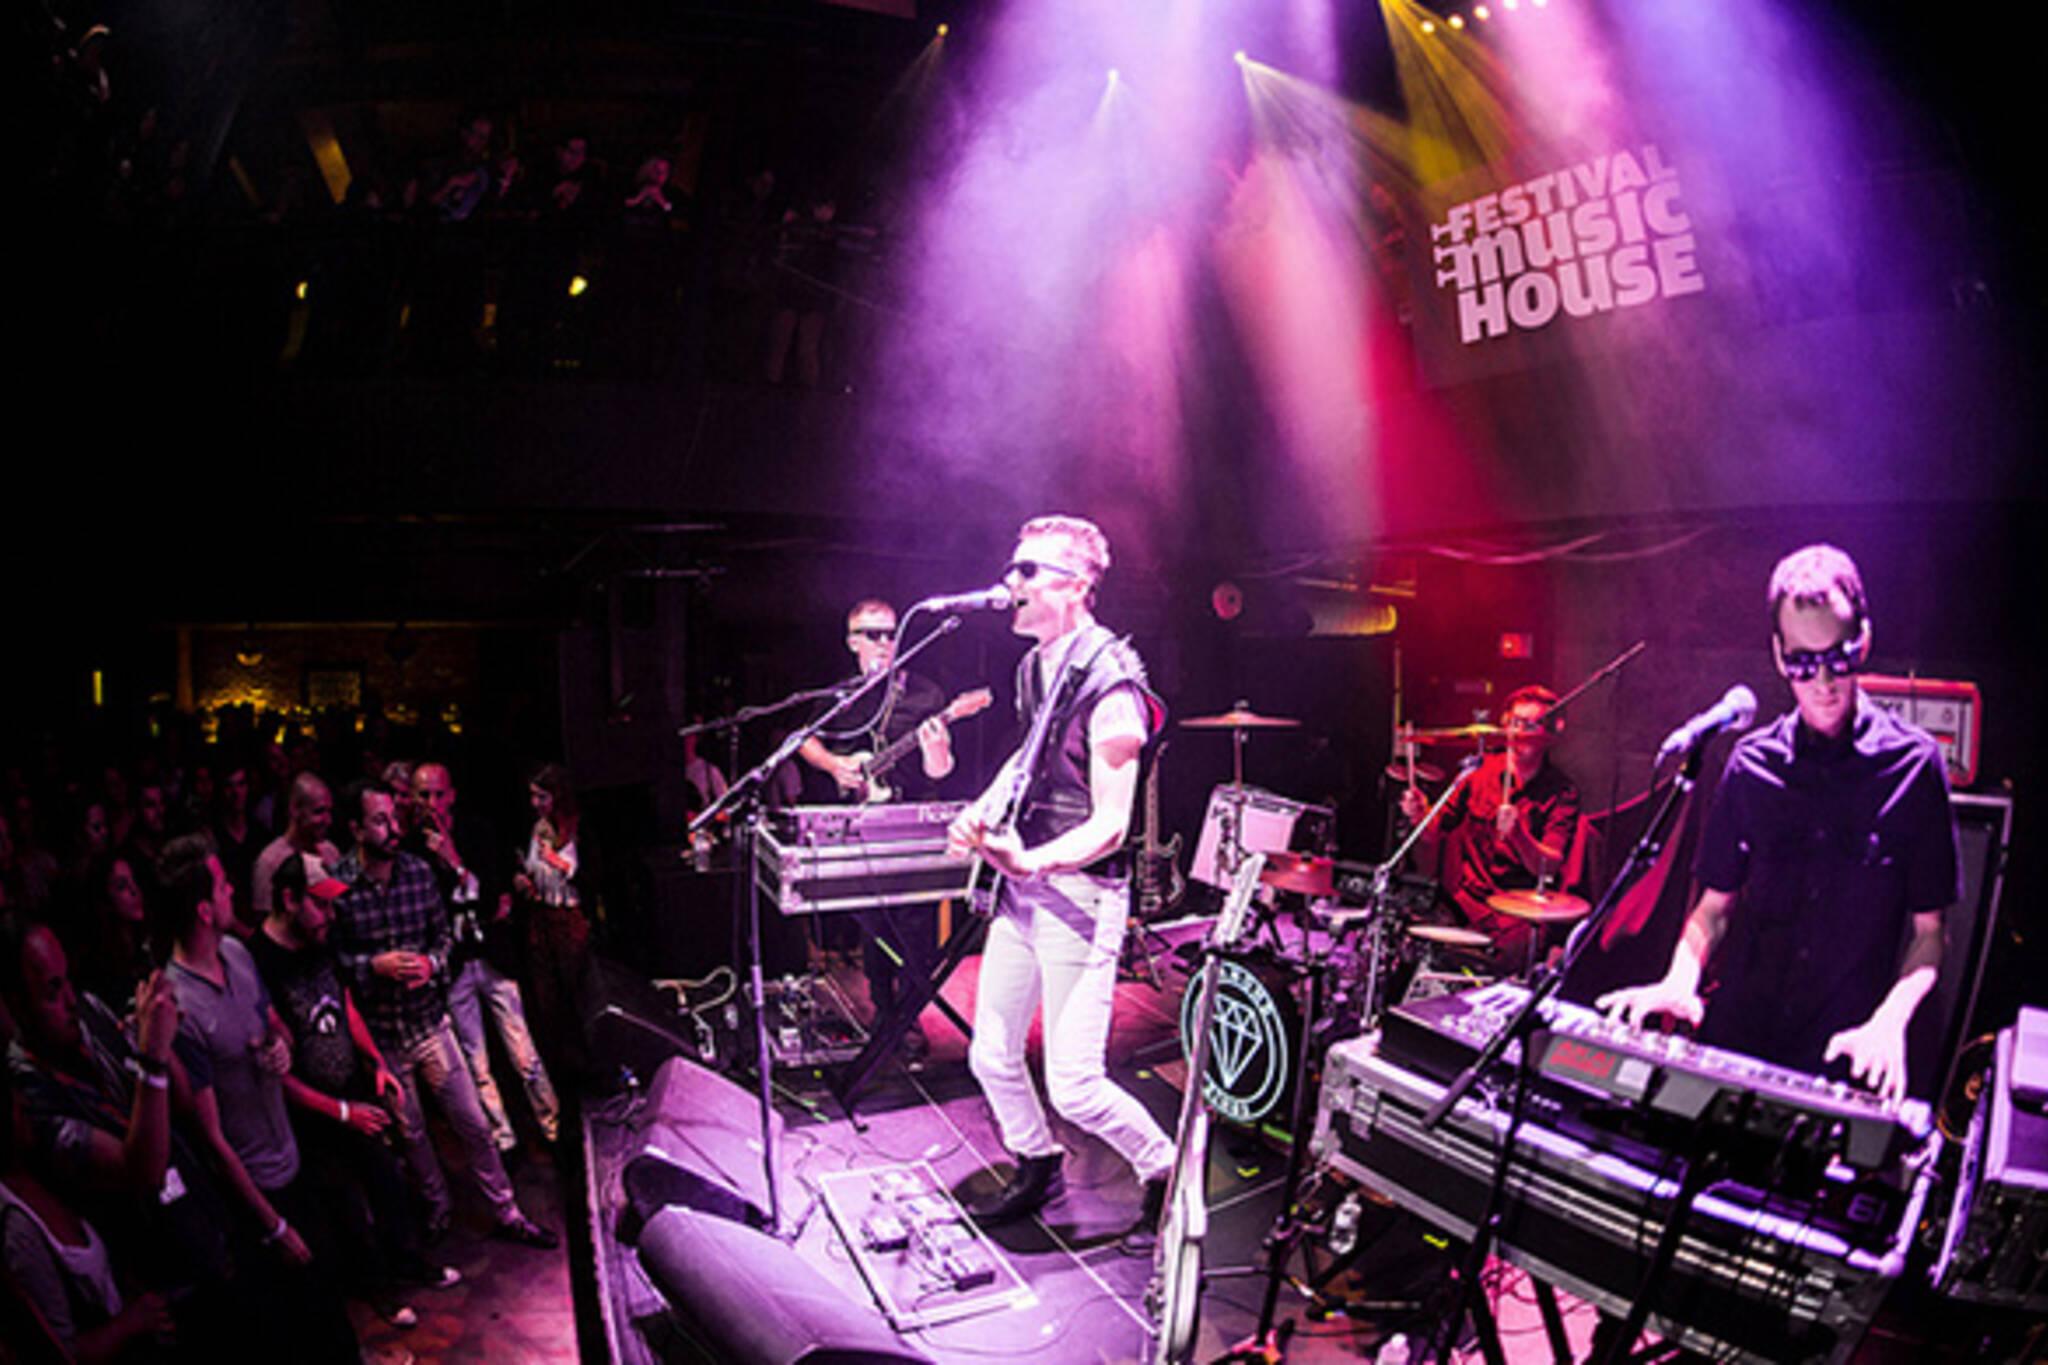 Festival Music House TIFF